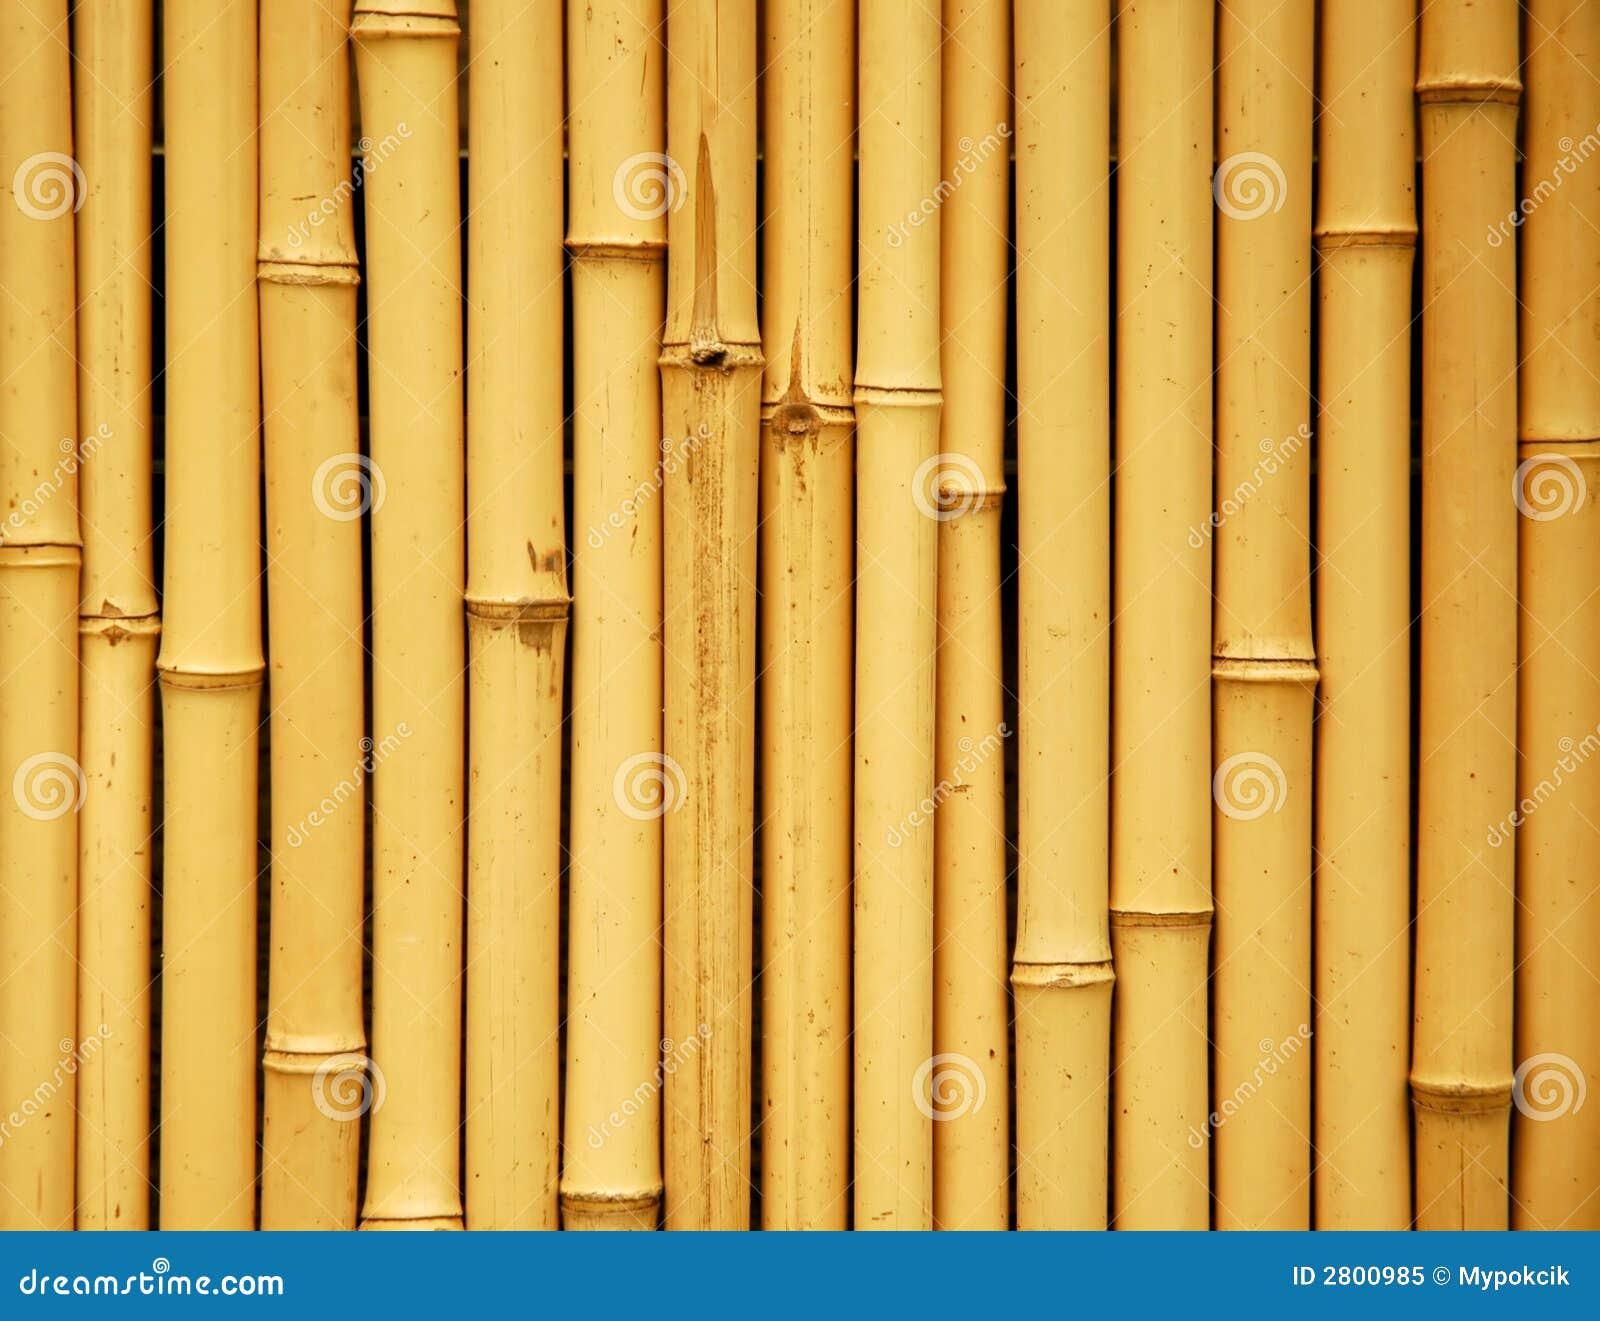 Fundo De Bambu Japon 234 S Imagem De Stock Imagem De 225 Sia